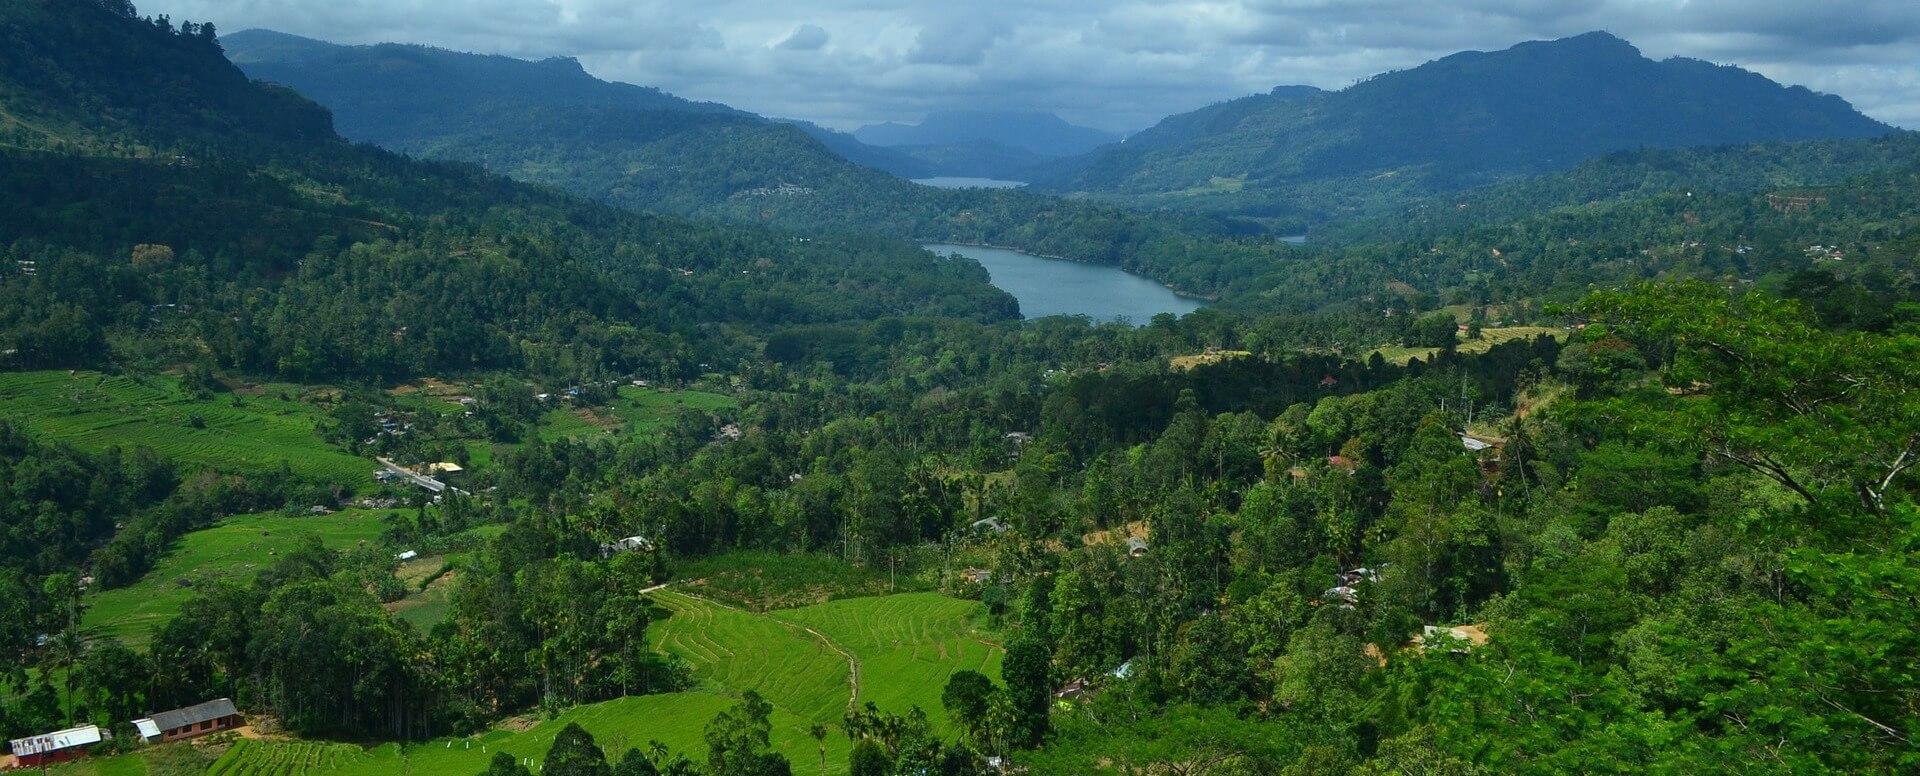 10. Contemplating sublime natural settings - Sri Lanka